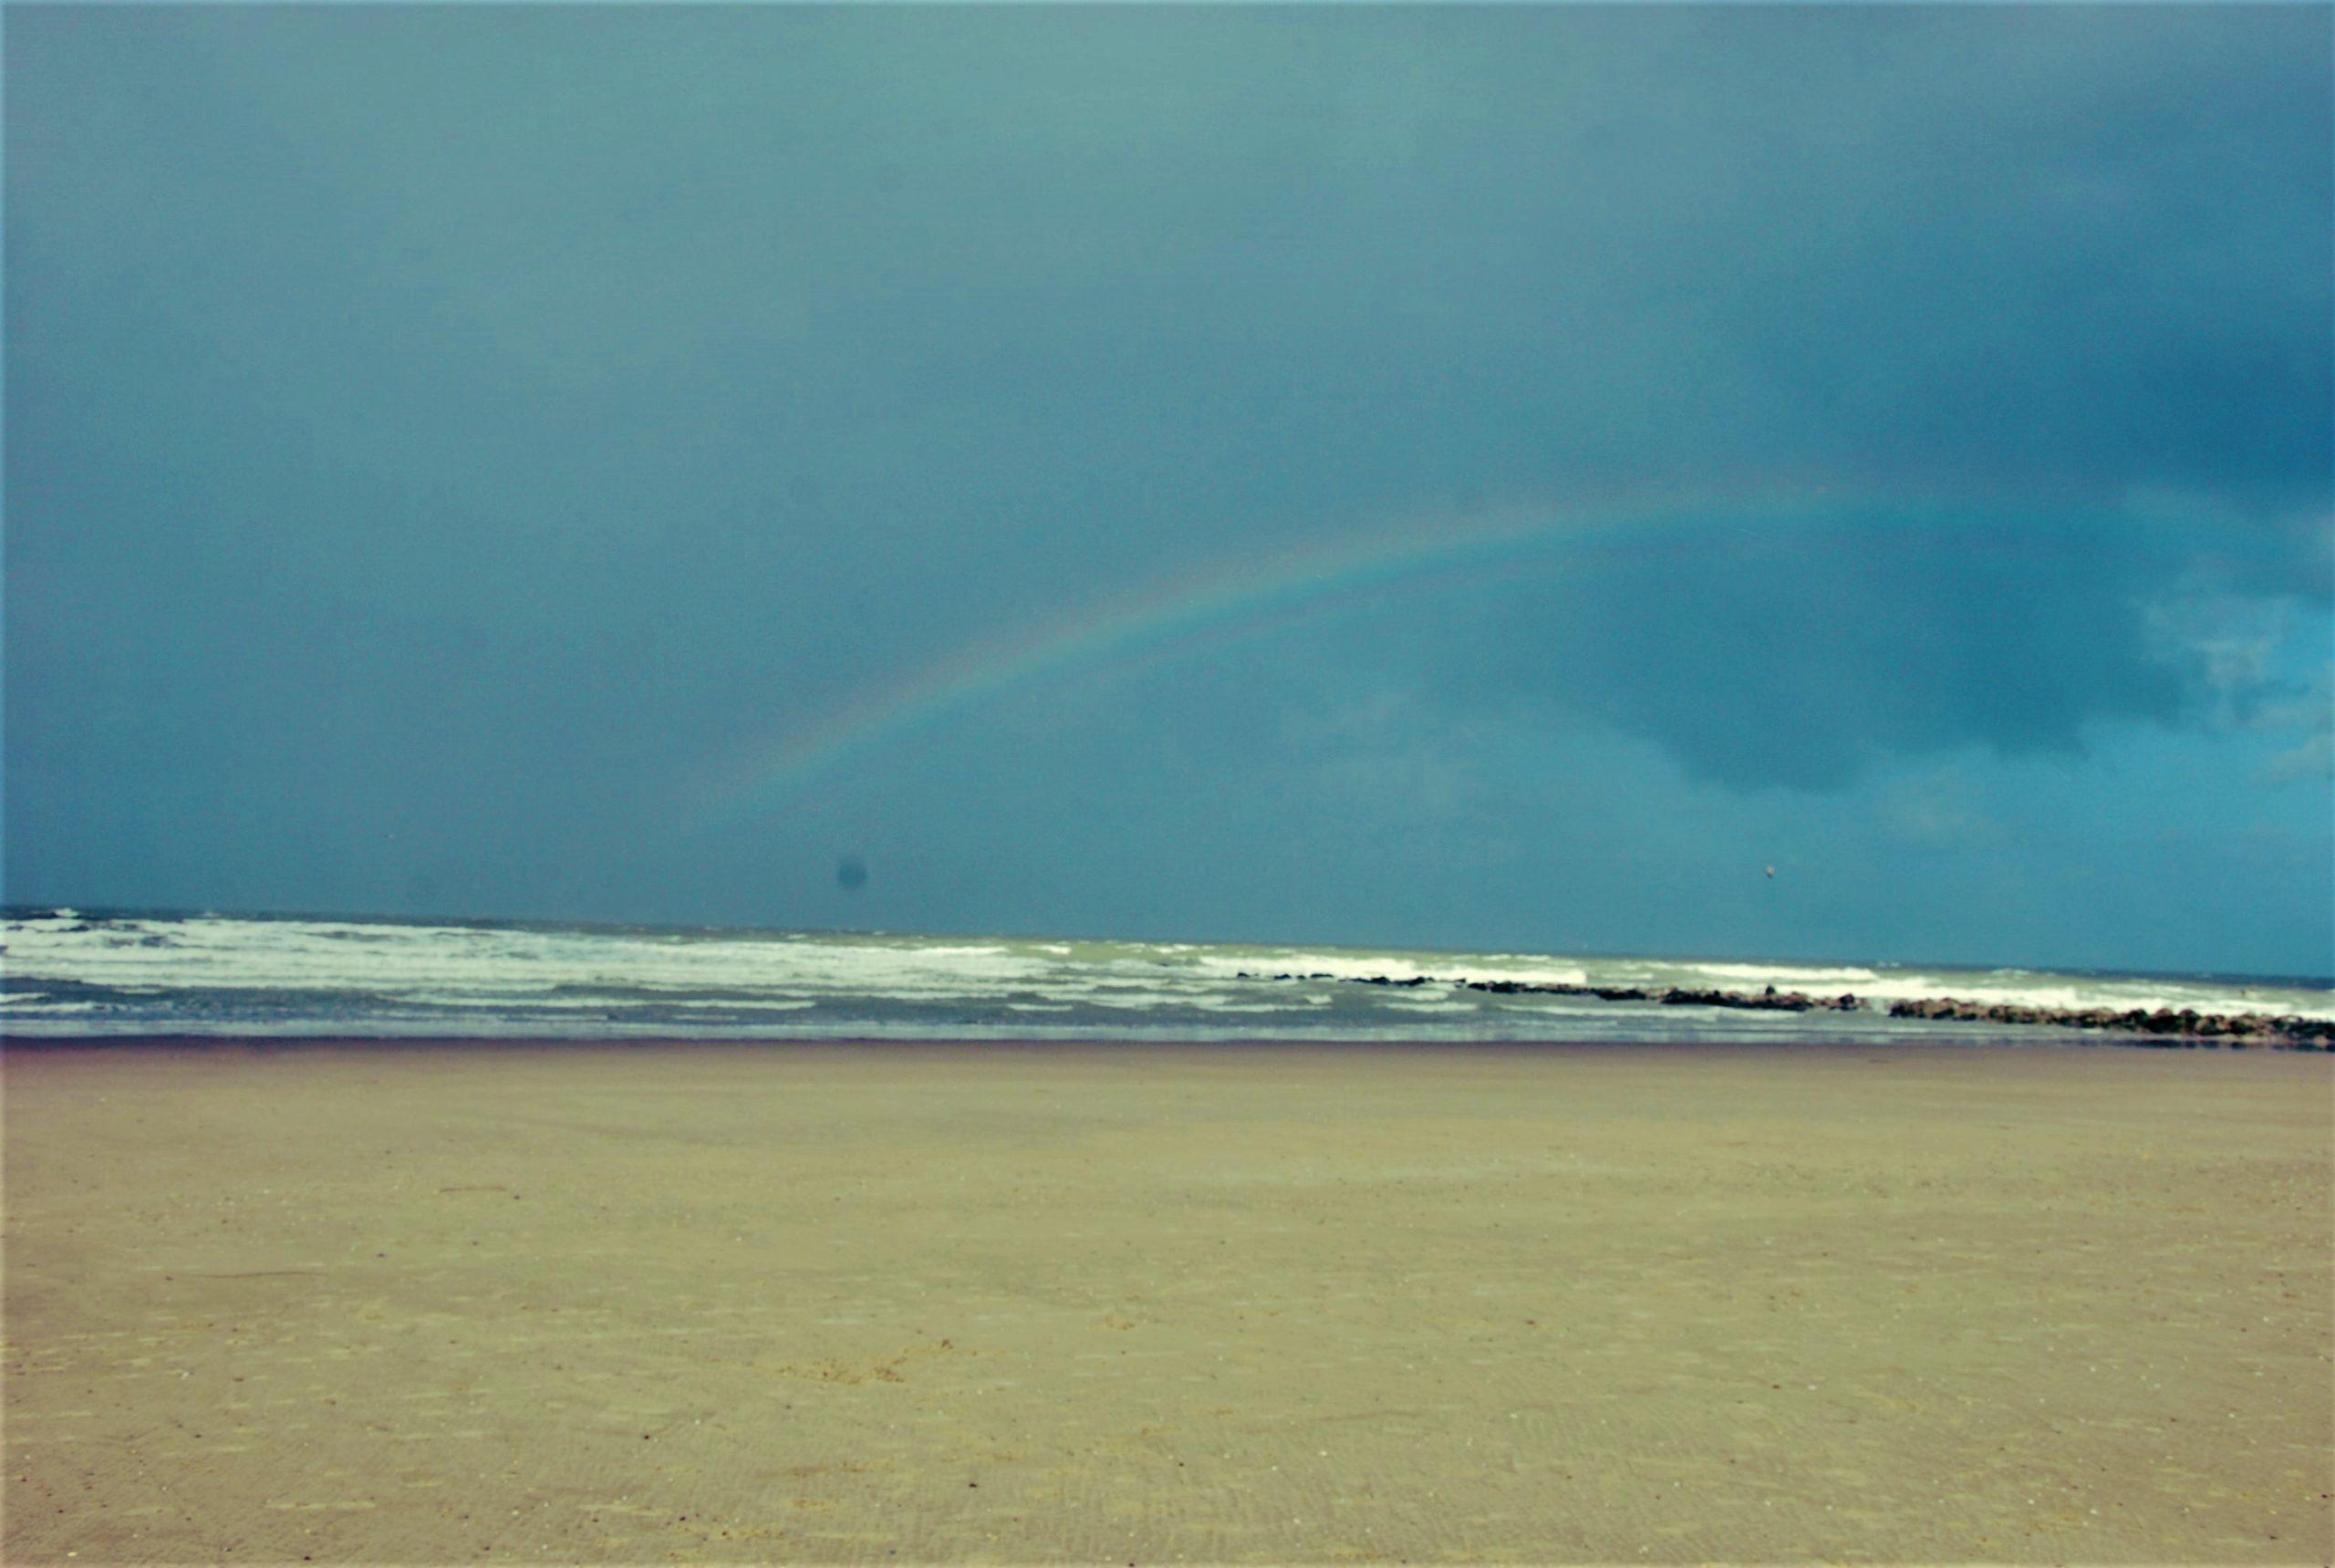 Foto van een regenboog